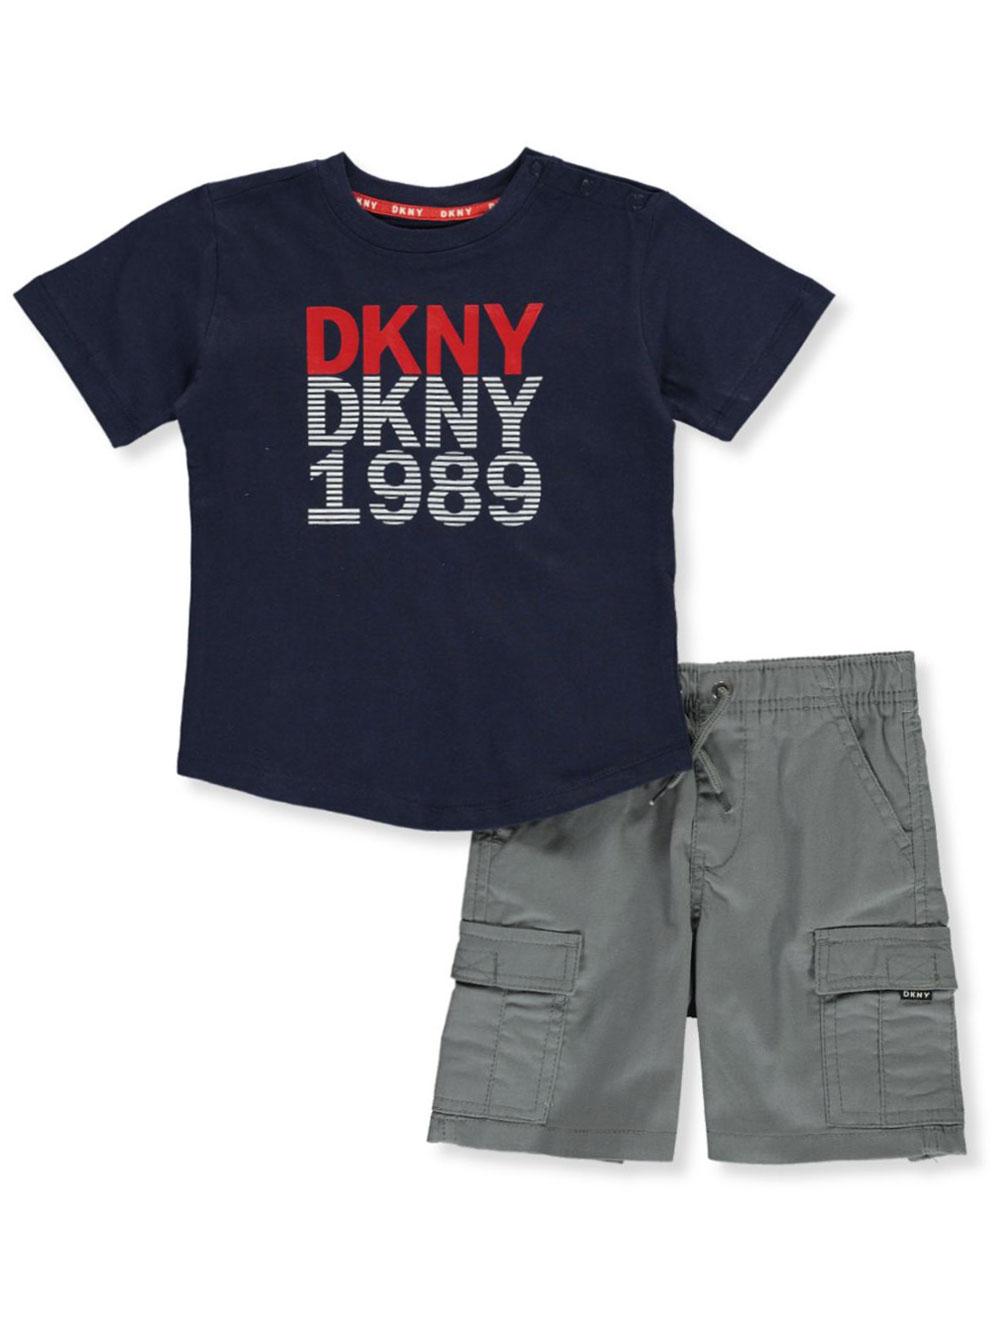 DKNY Boys Shorts Set